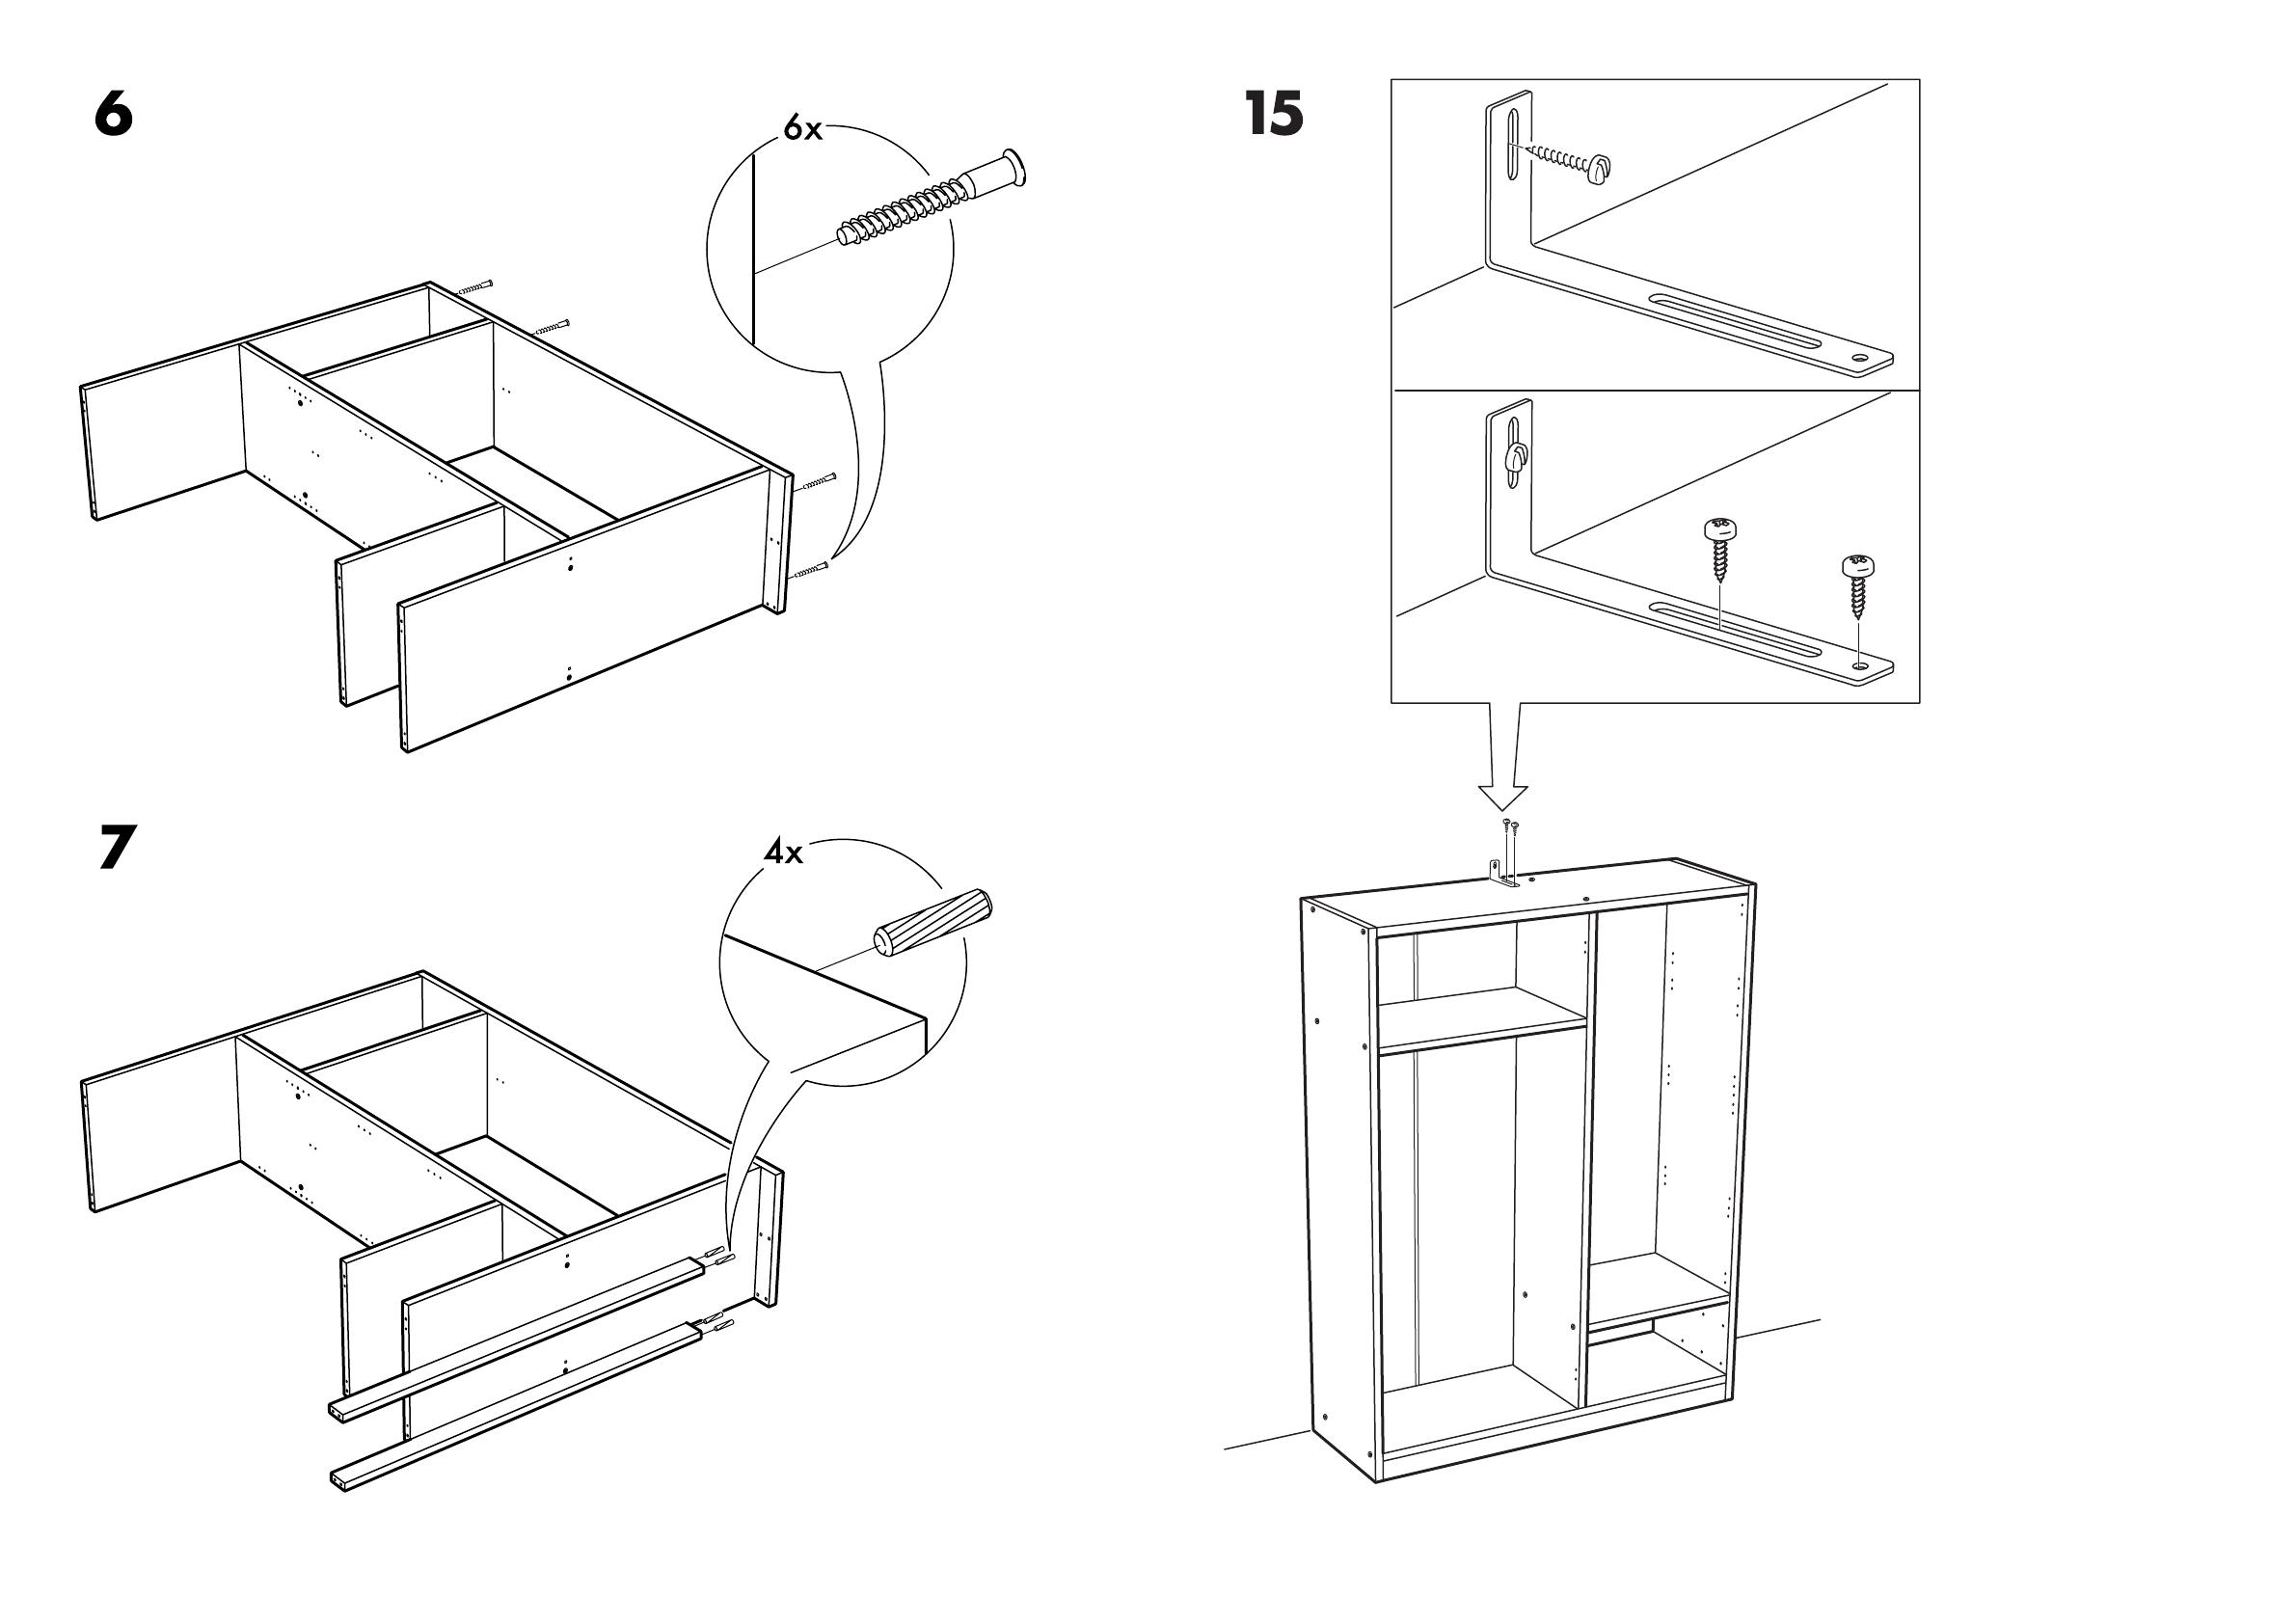 Ikea Kullen Garderobekast.Handleiding Ikea Kullen Garderobekast Pagina 8 Van 10